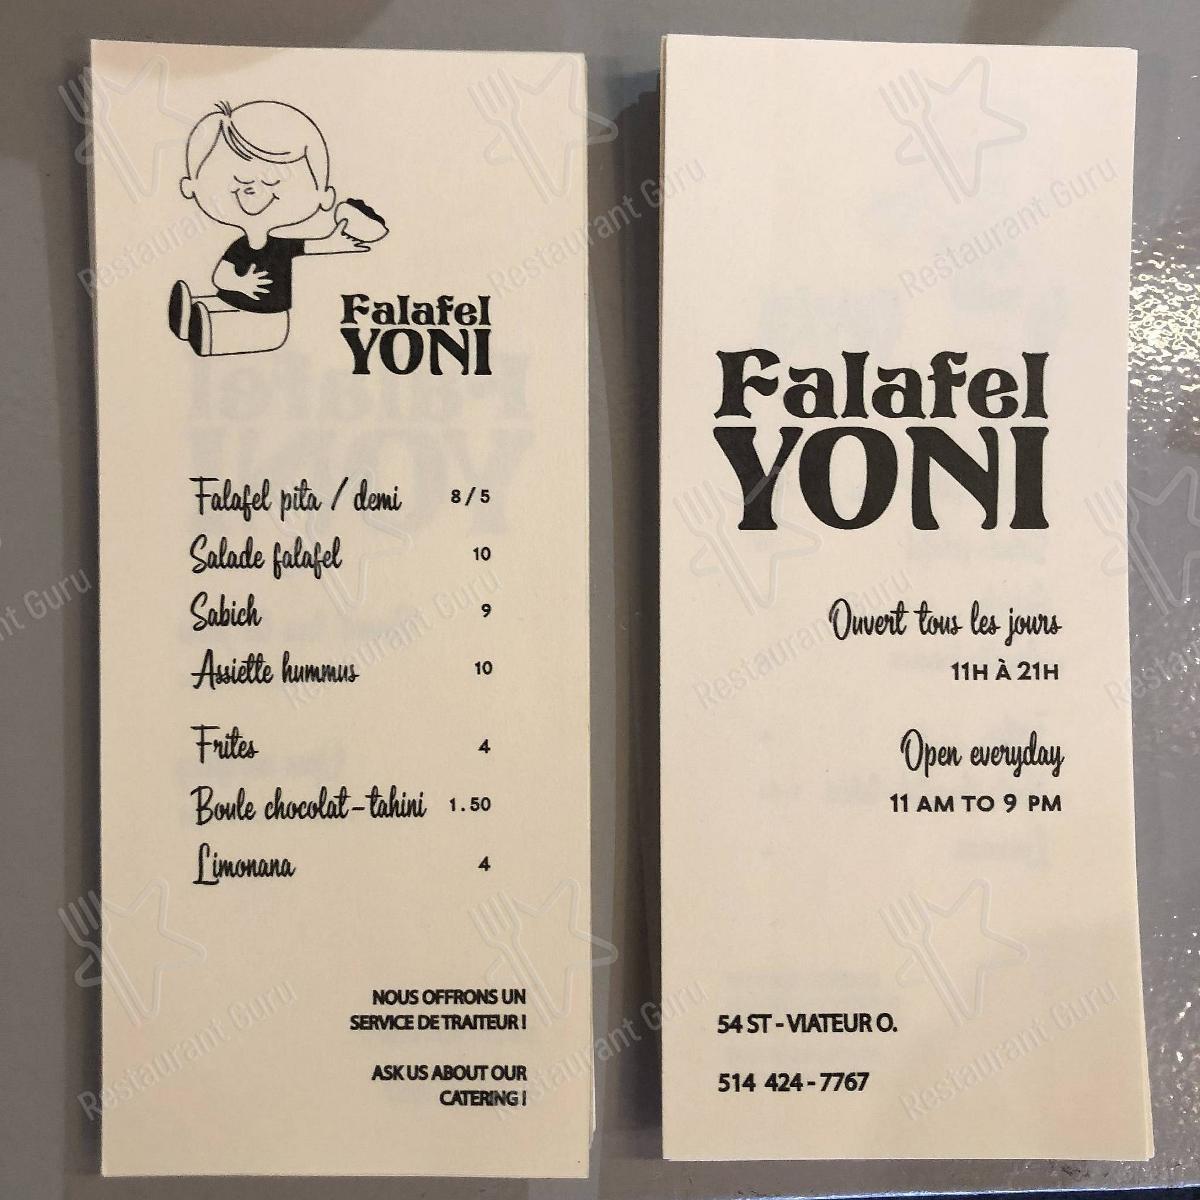 falafel-yoni-menu.jpg